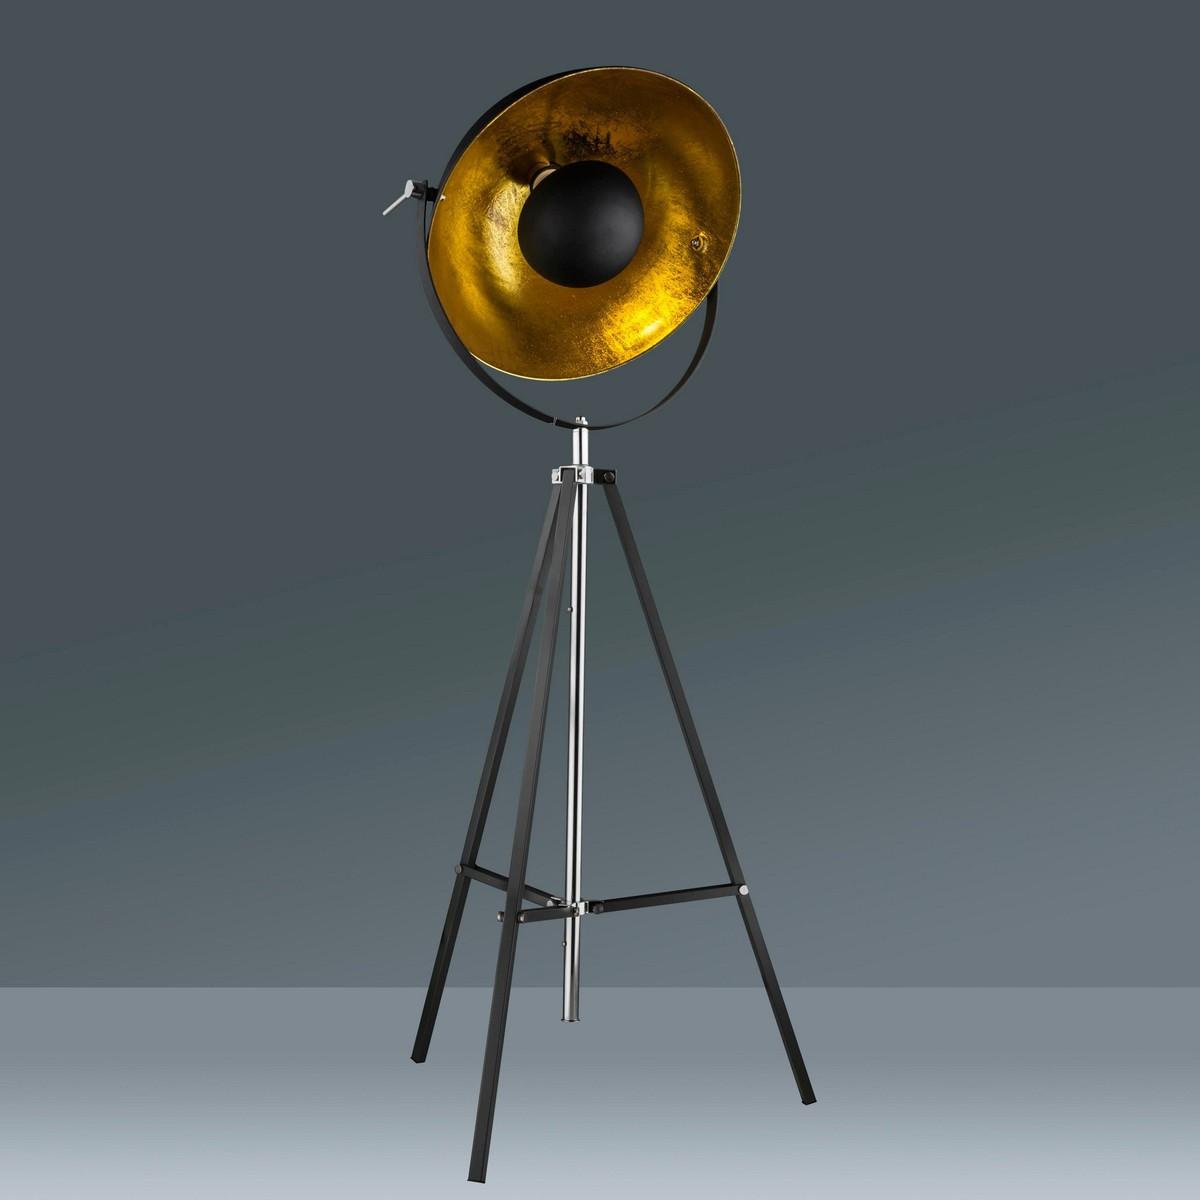 Bild 1 von Stehleuchte Jule in Schwarz/Goldfarben